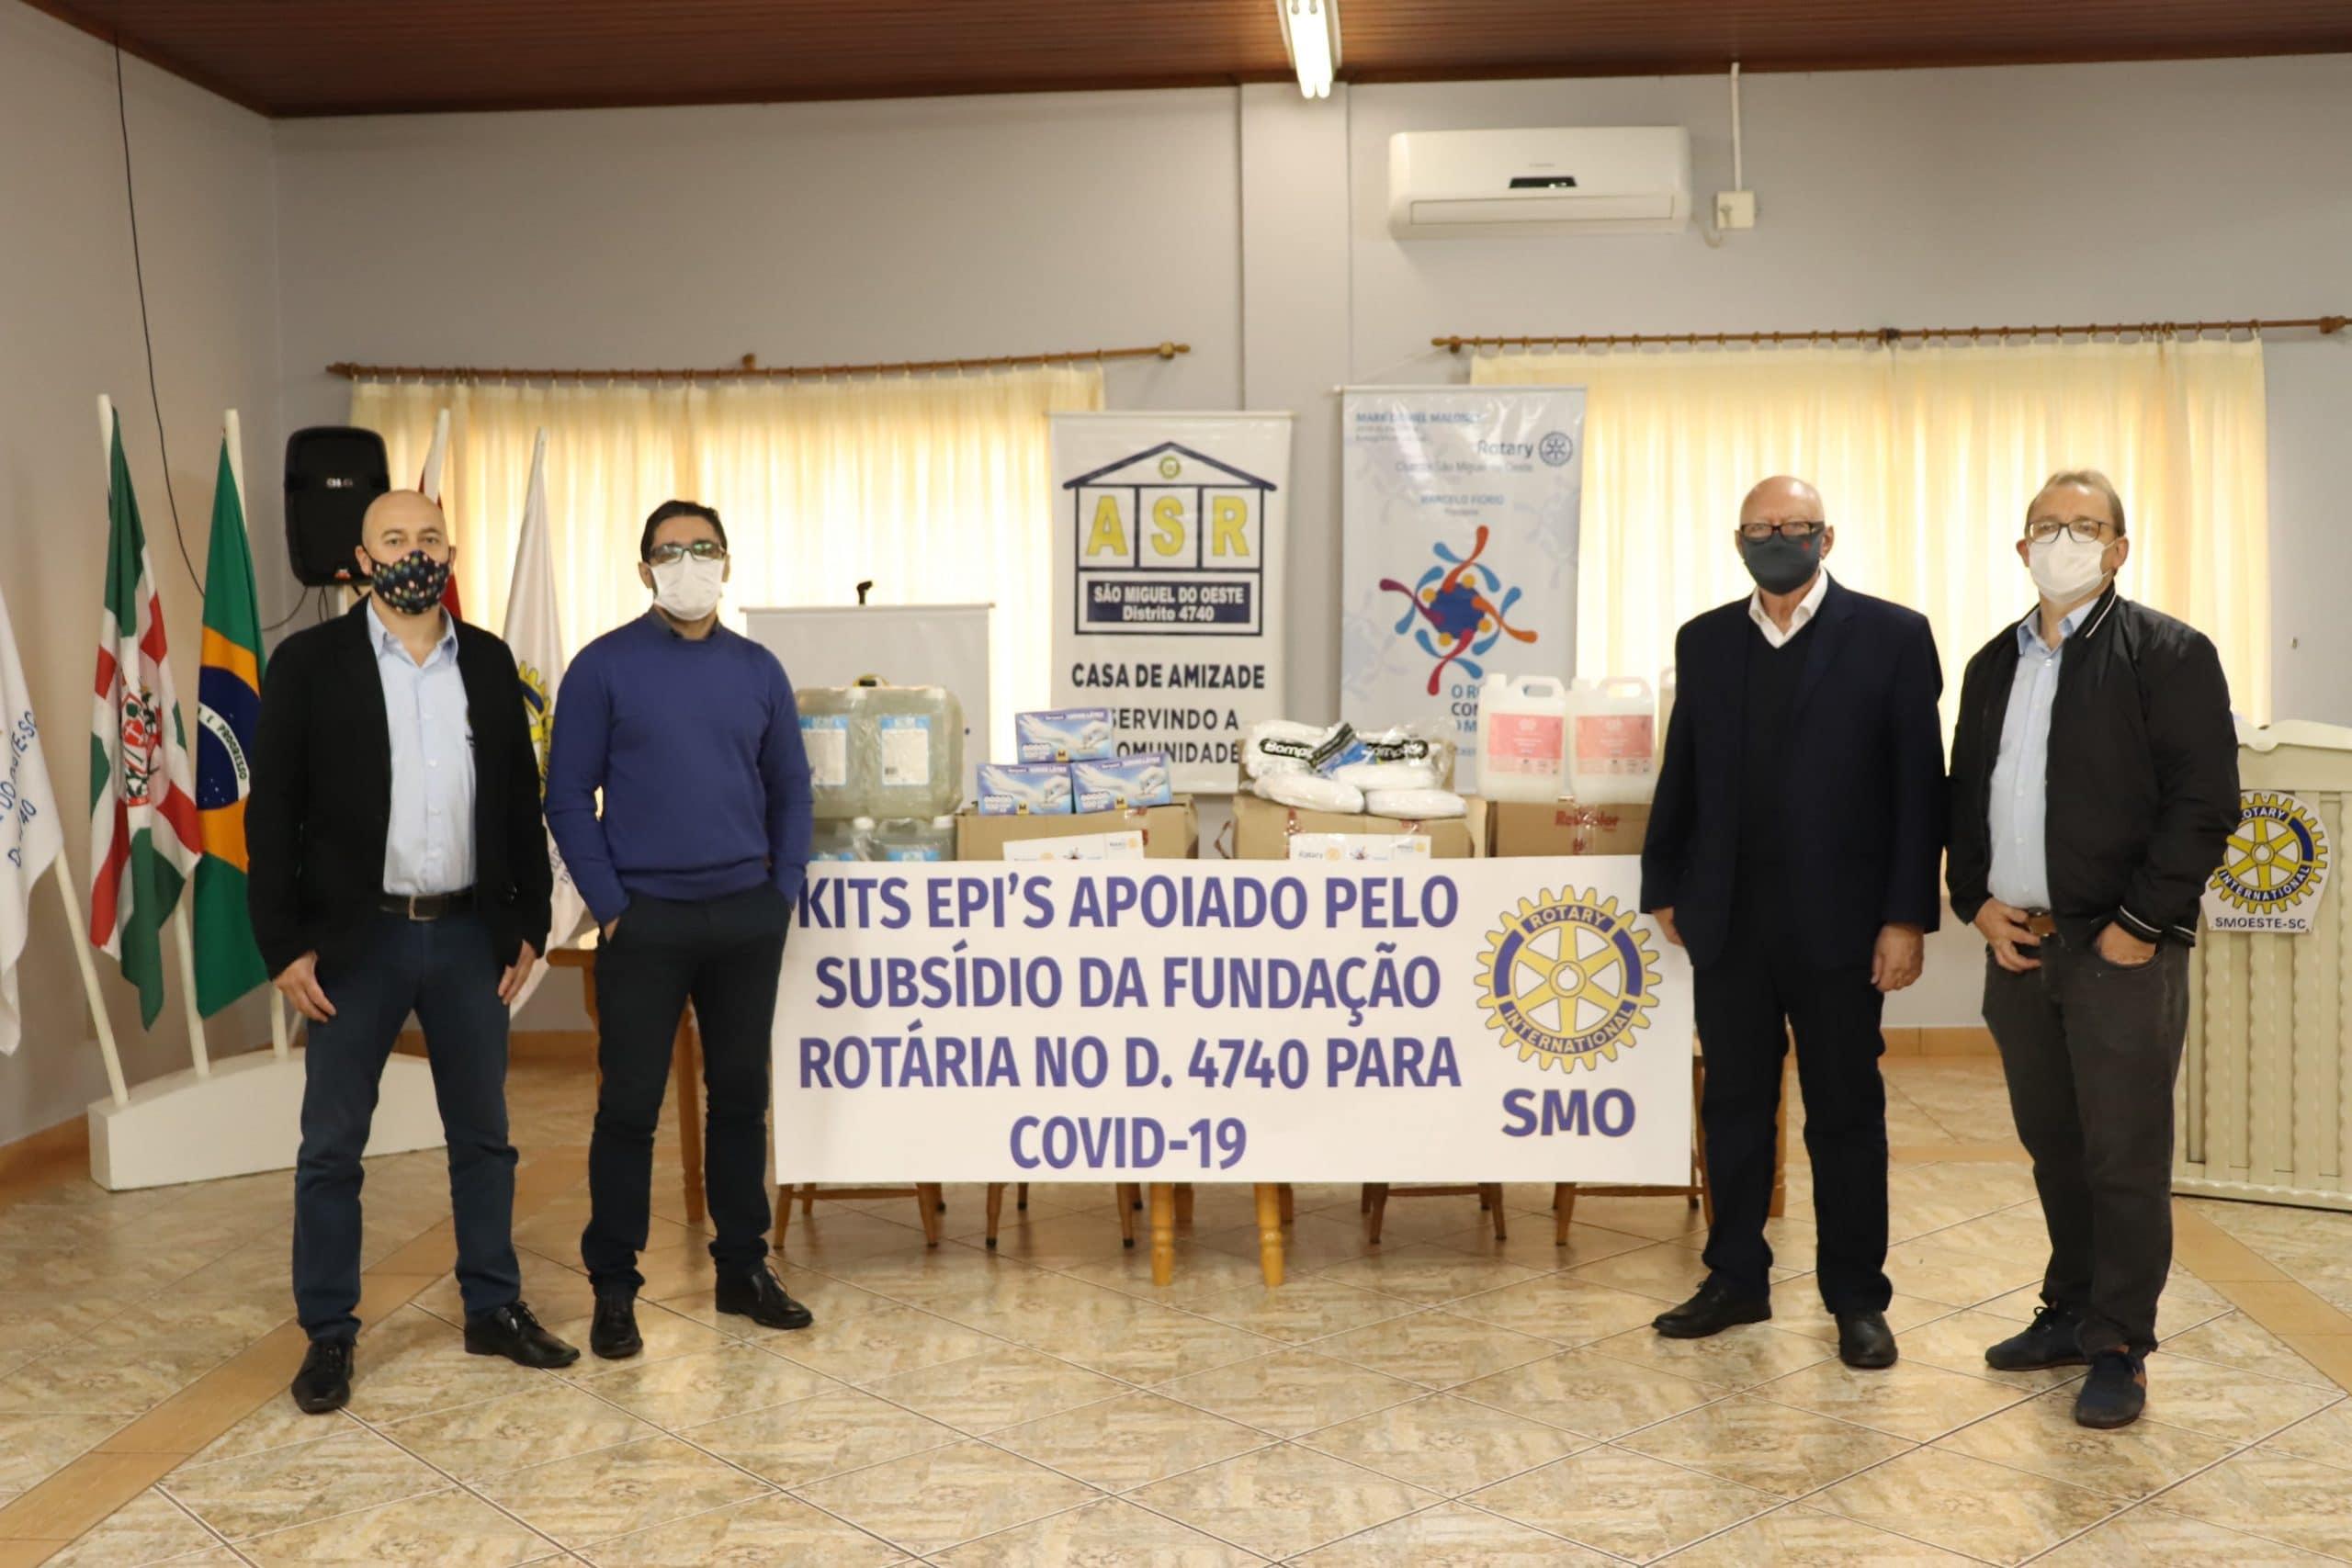 Rotary Club de São Miguel do Oeste doa materiais ao Instituto Santé para enfrentamento da Covid-19